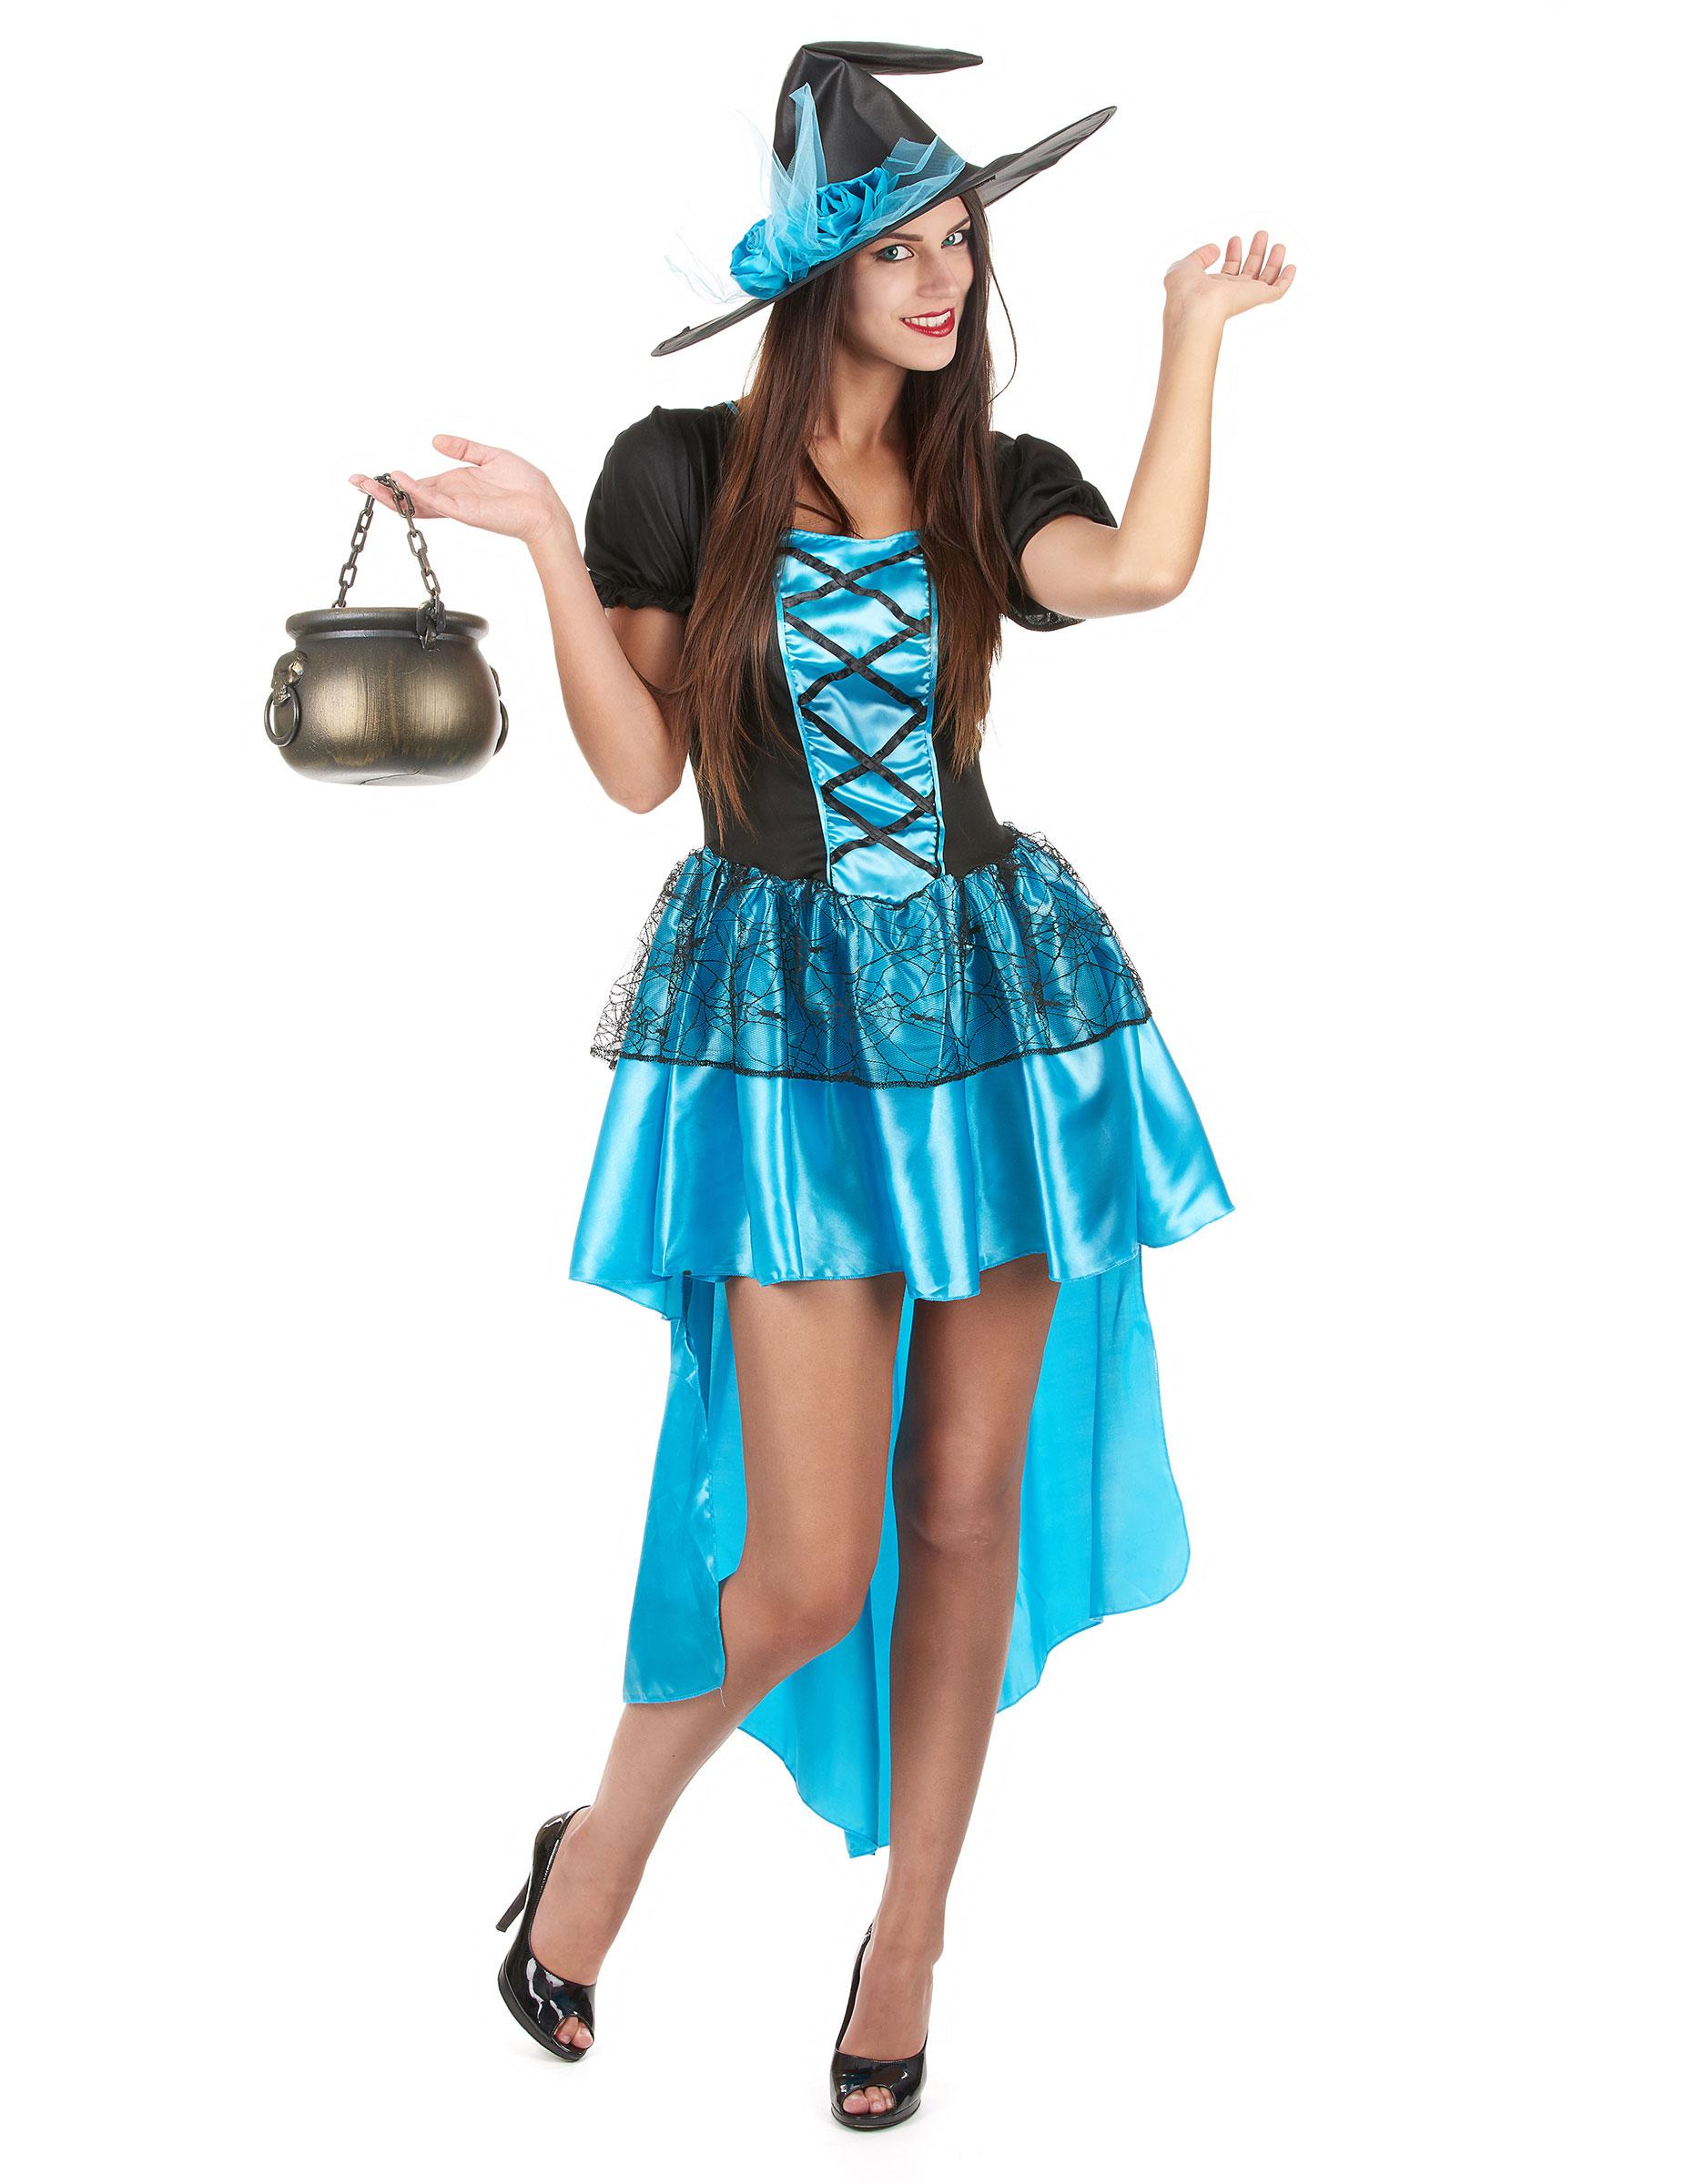 d guisement sorci re bleue sexy femme halloween deguise toi achat de d guisements adultes. Black Bedroom Furniture Sets. Home Design Ideas